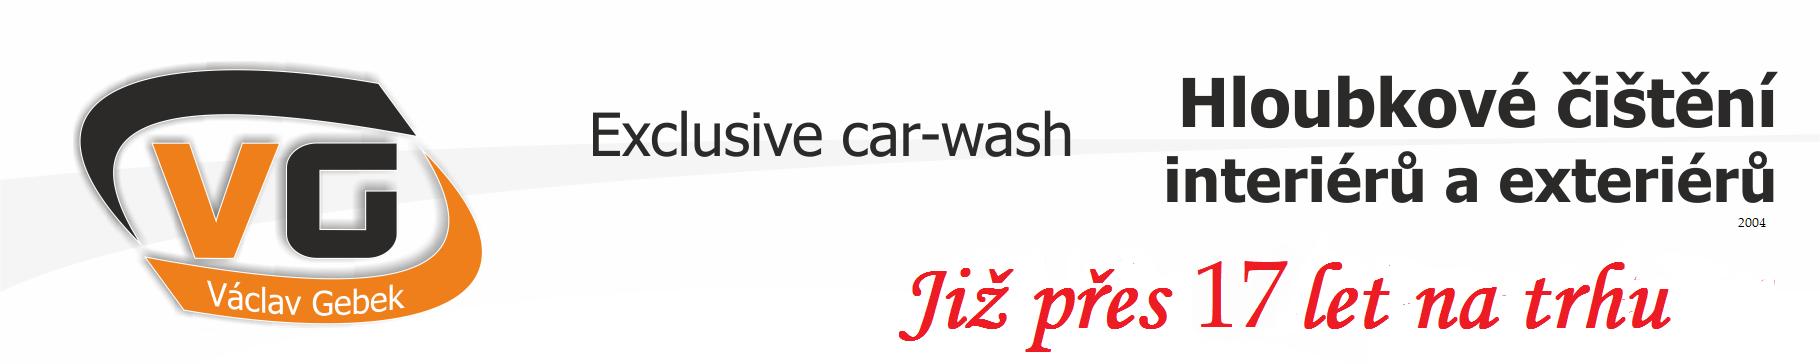 CAR-WASH exclusive